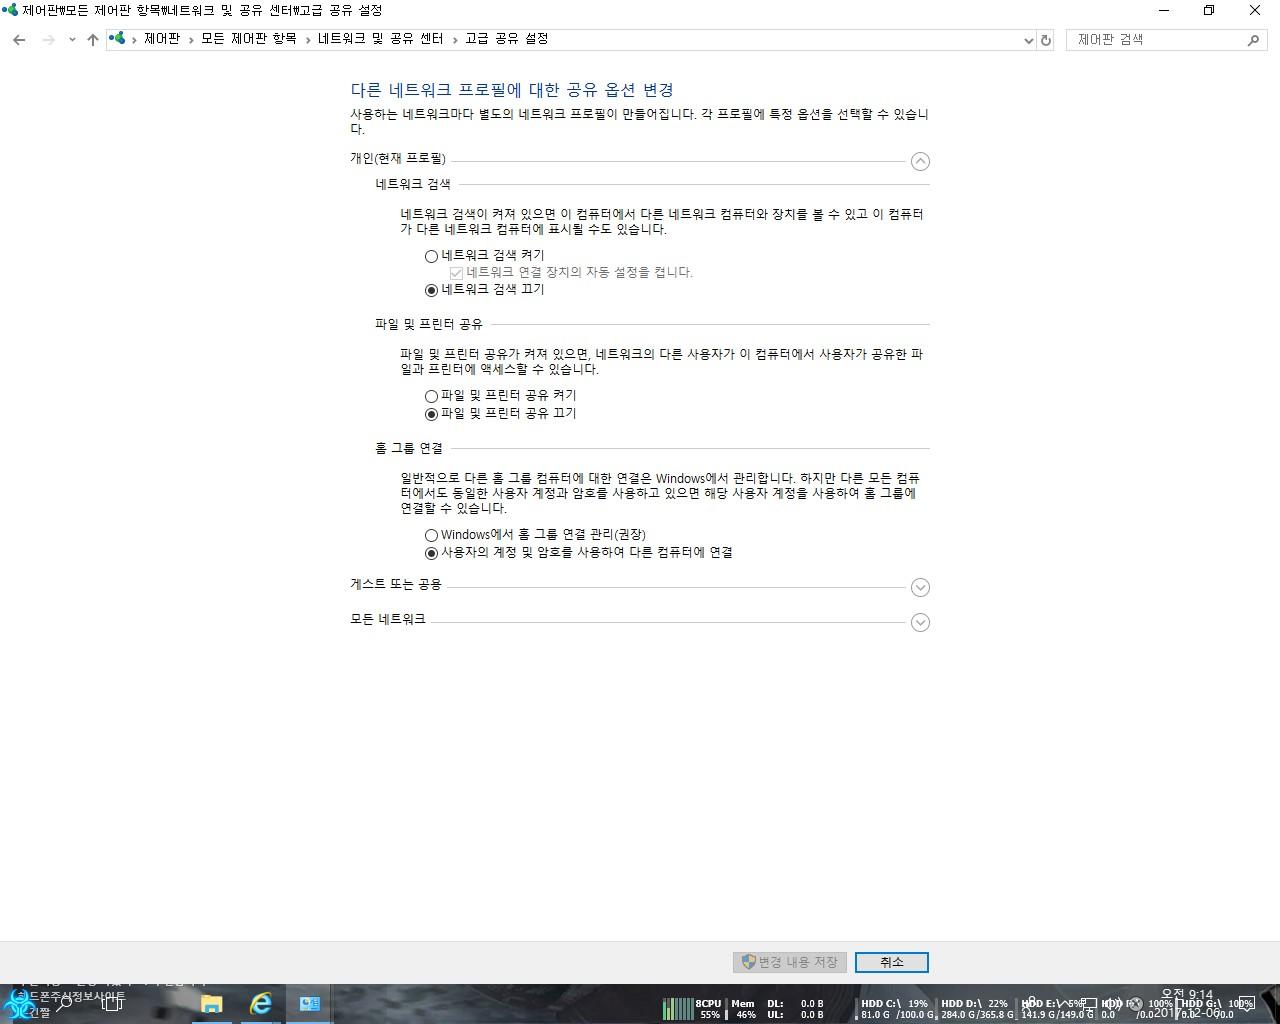 1_개인(현재 프로필)_조치전.jpg